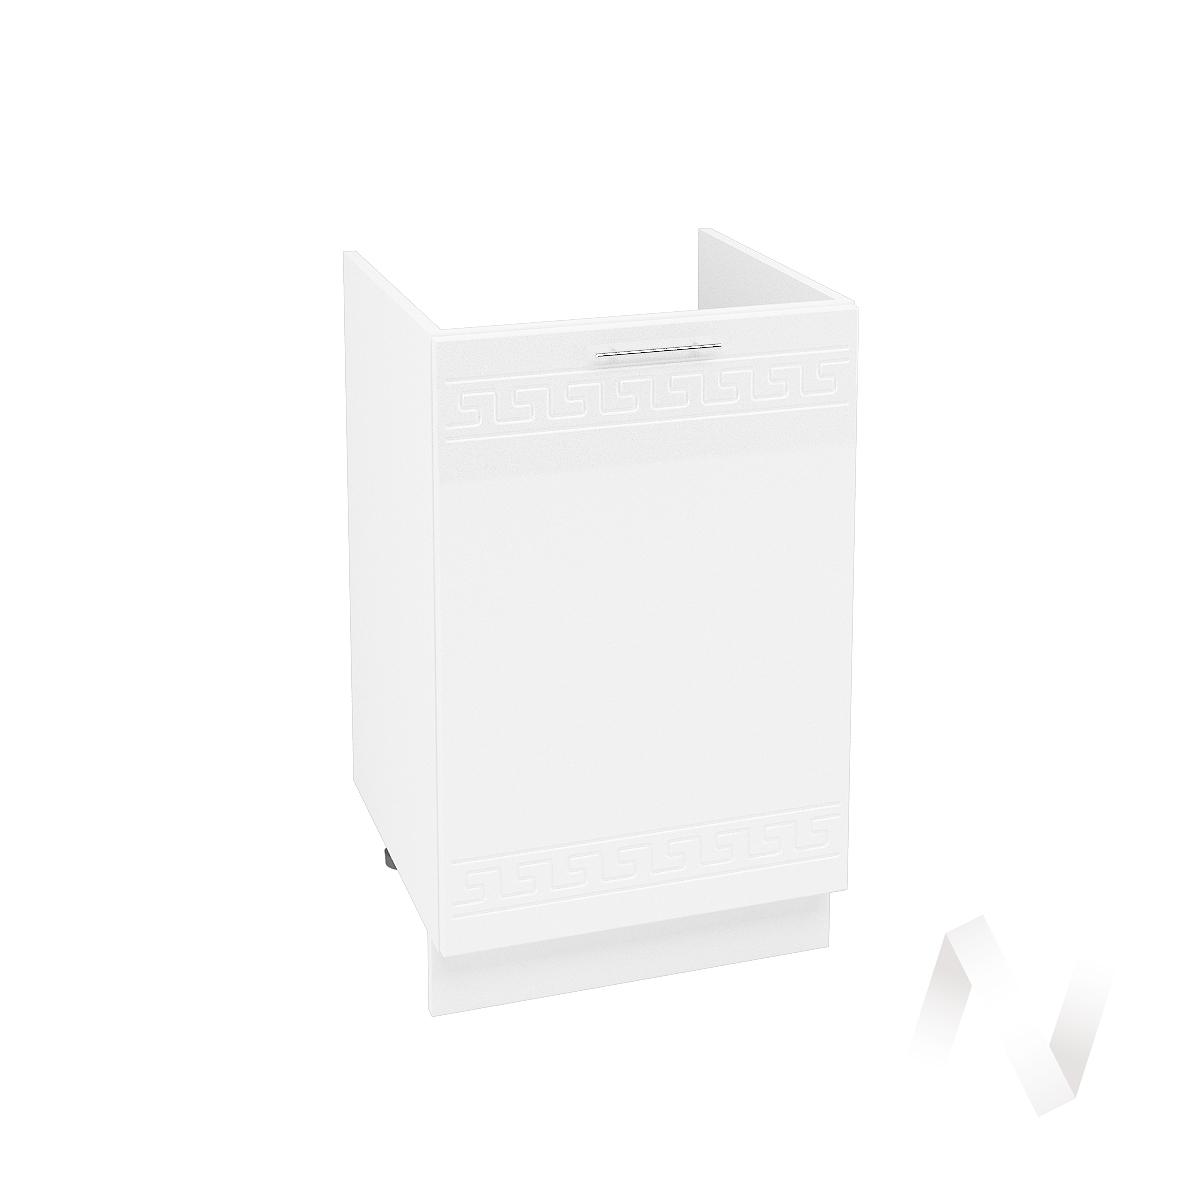 """Кухня """"Греция"""": Шкаф нижний под мойку 500, ШНМ 500 (белый металлик/корпус белый)"""